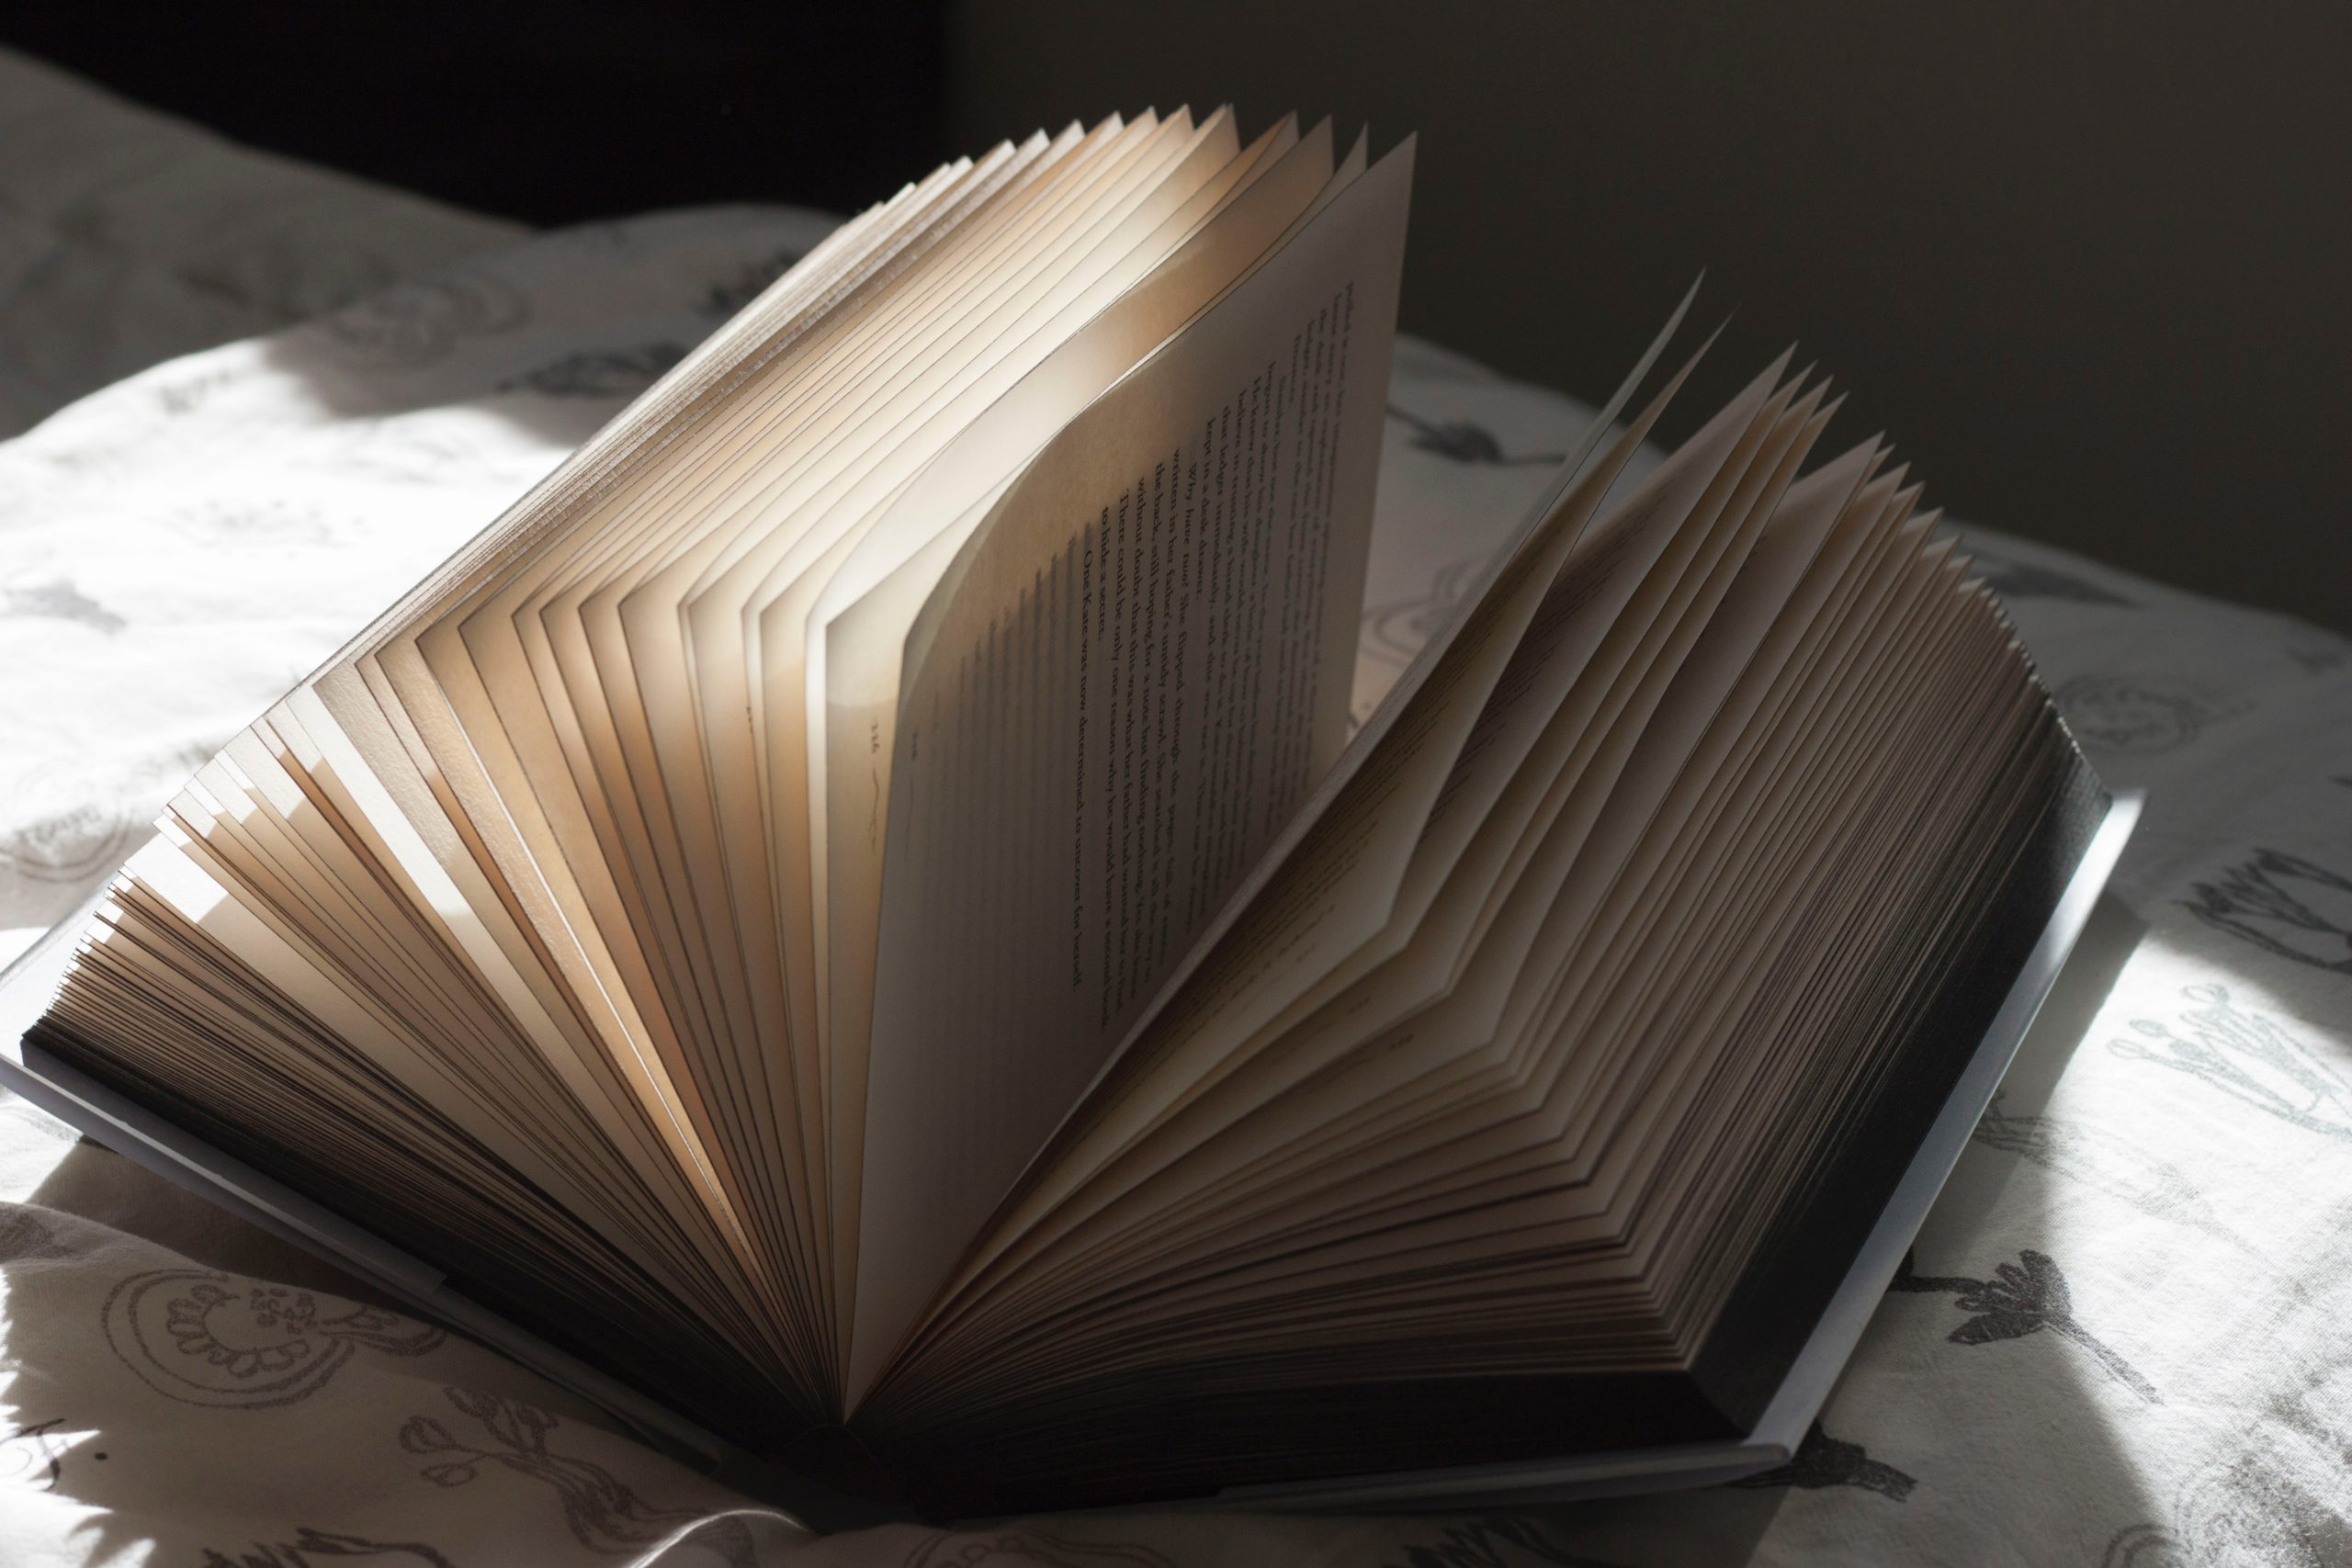 white book on black textile